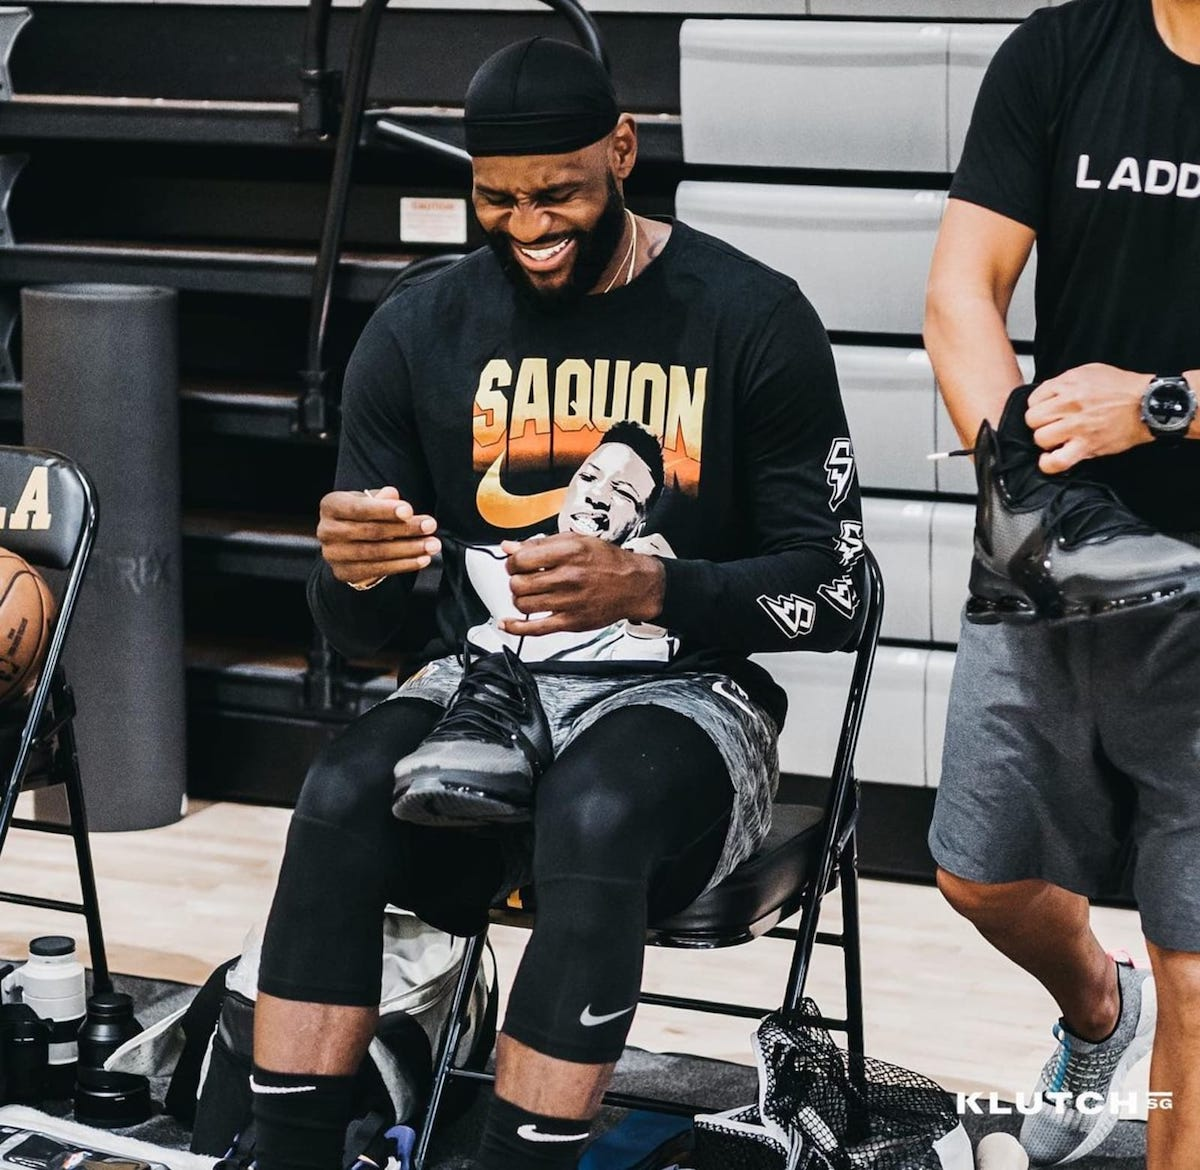 Nike,LeBron 19,詹姆斯  詹姆斯再次上脚纯黑 LeBron 19!看来是真爱啊!